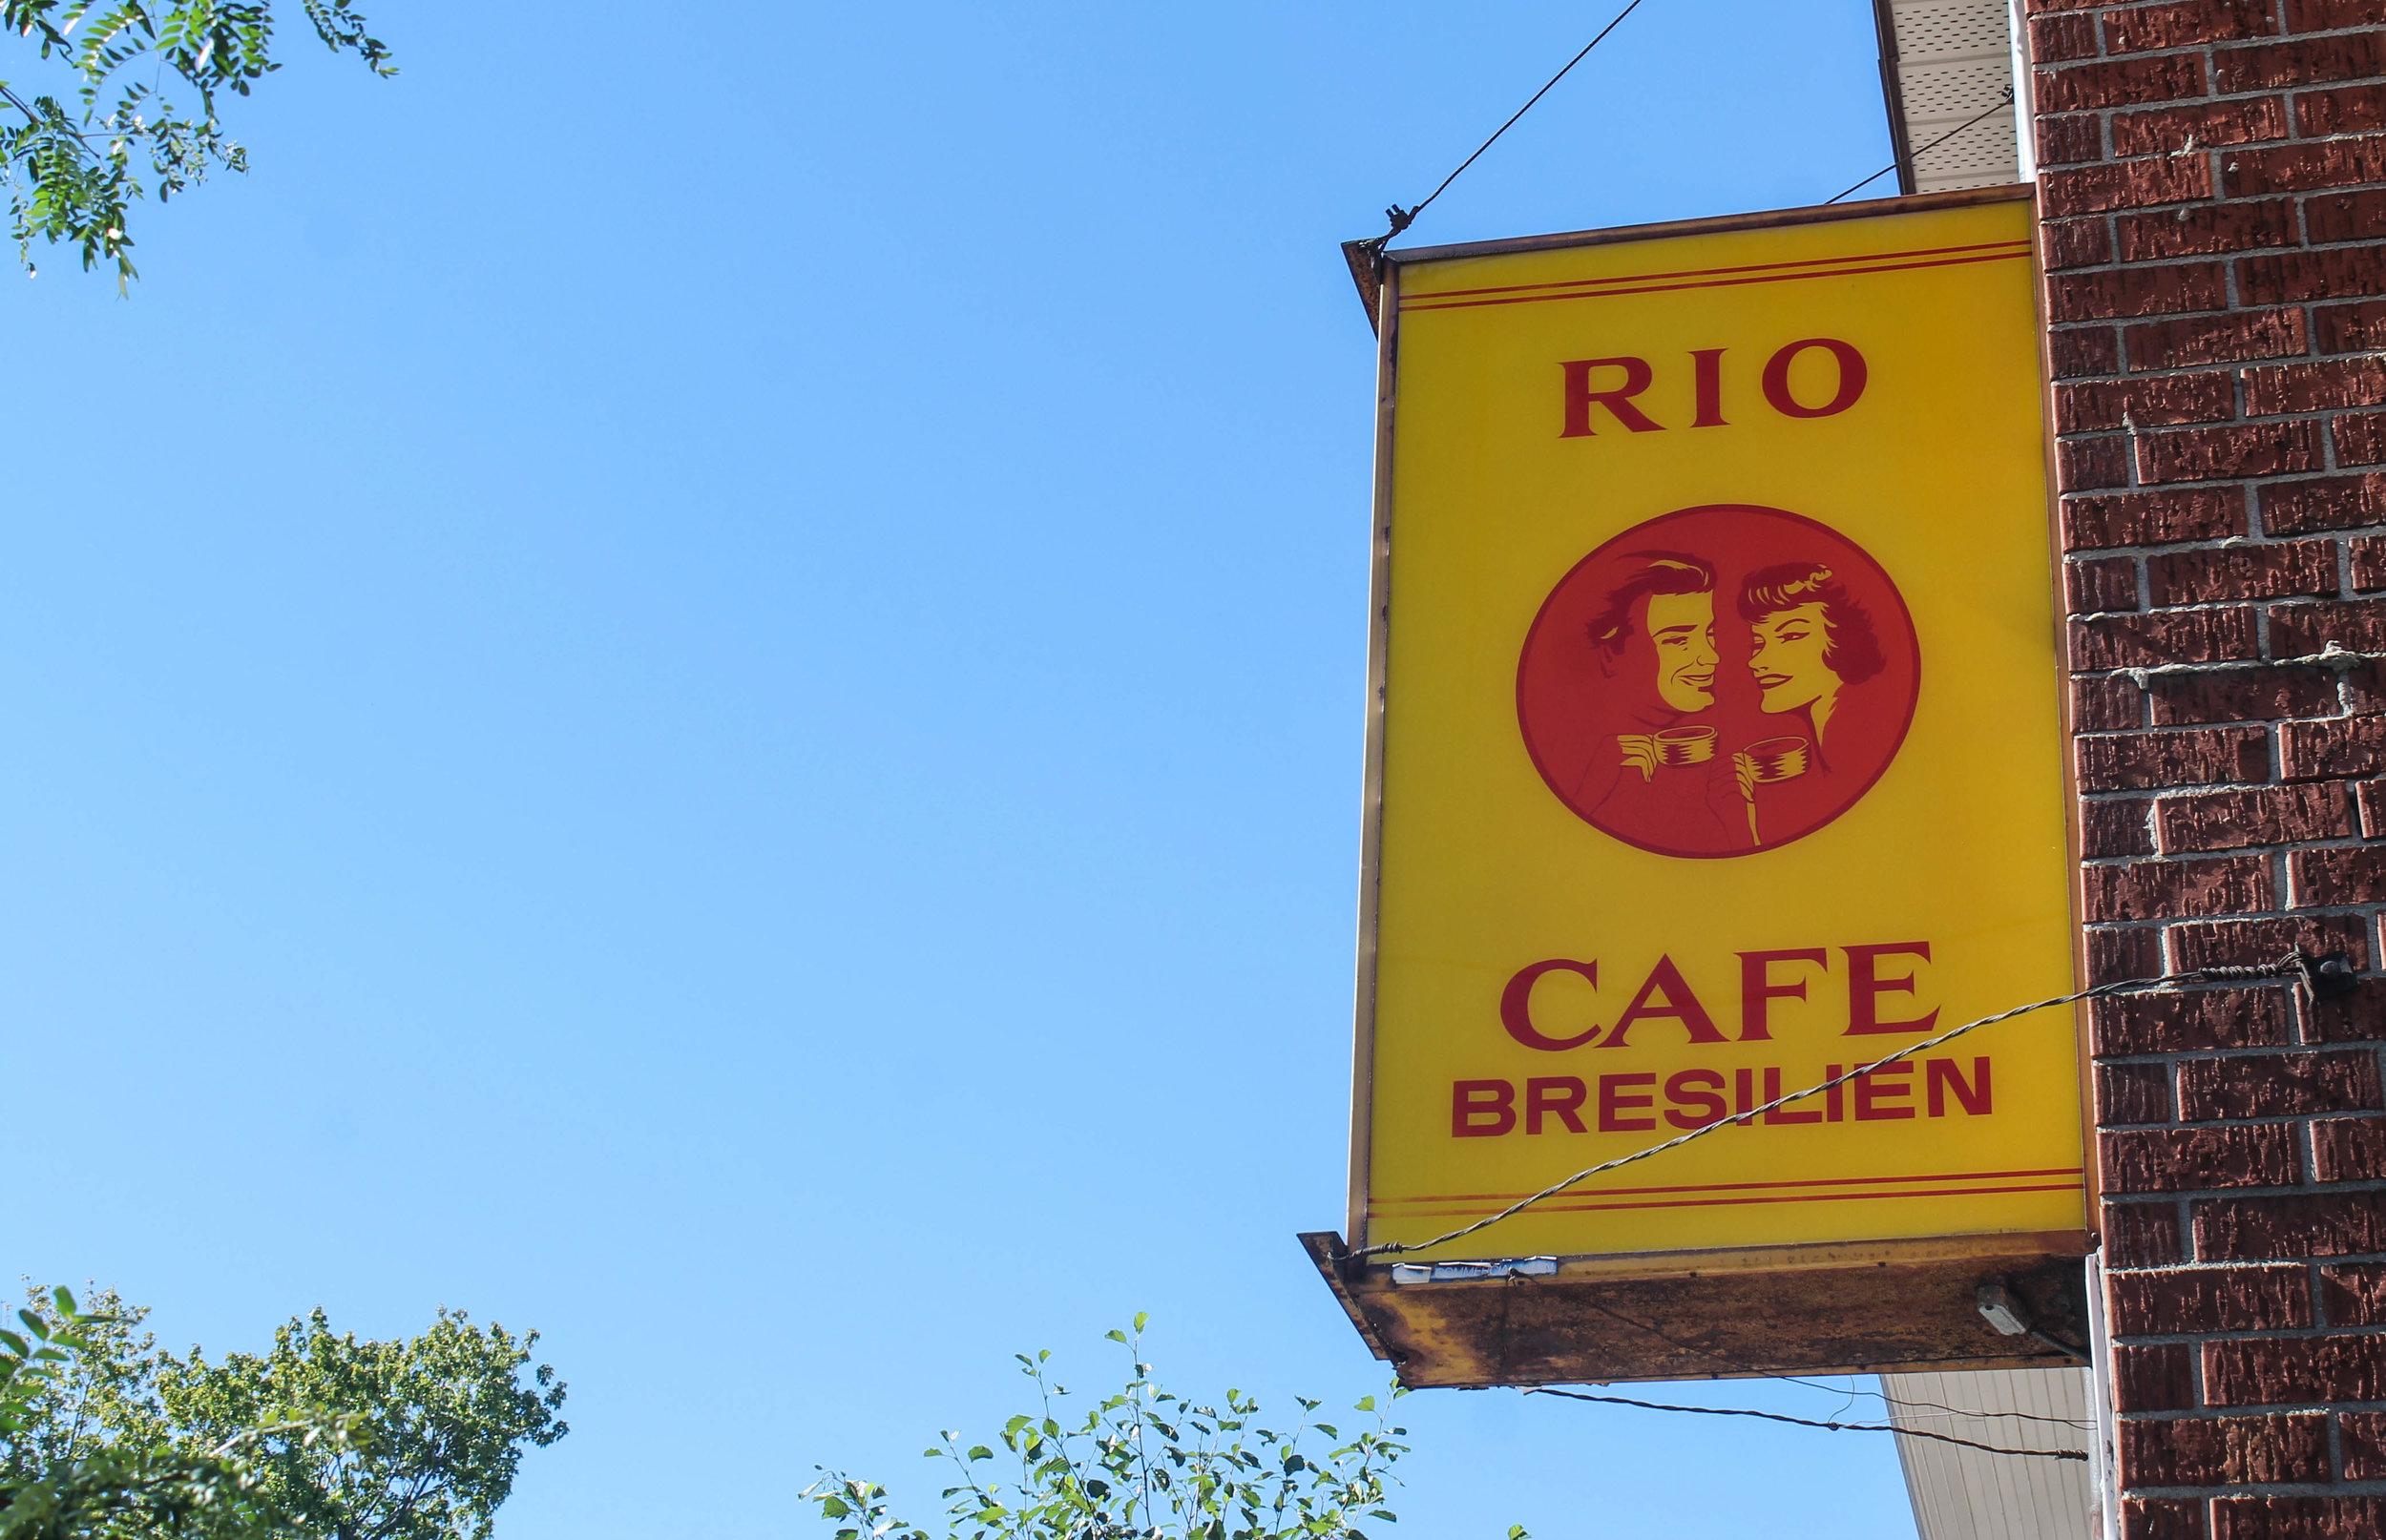 rio-cafe-bresilien